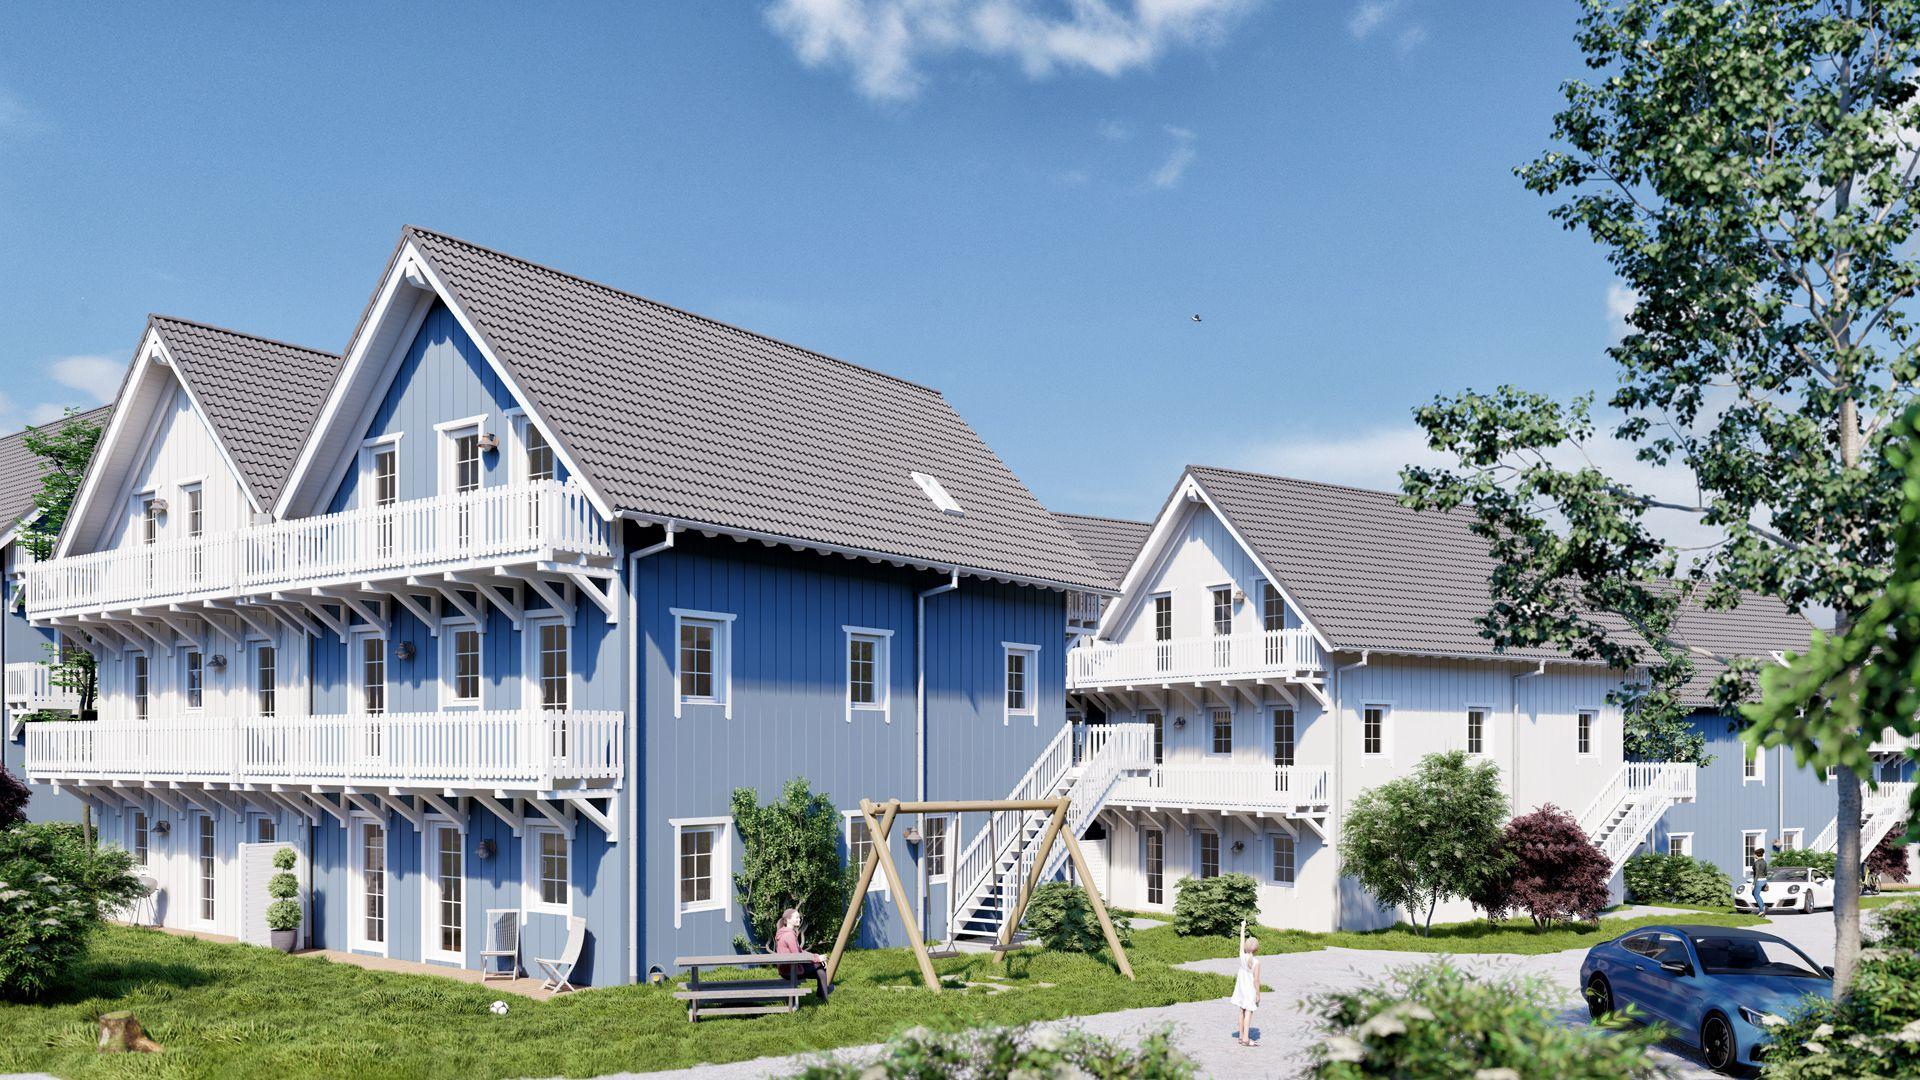 Architekturvisualisierung Ranstadt - Wohnsiedlung Exterieur 07